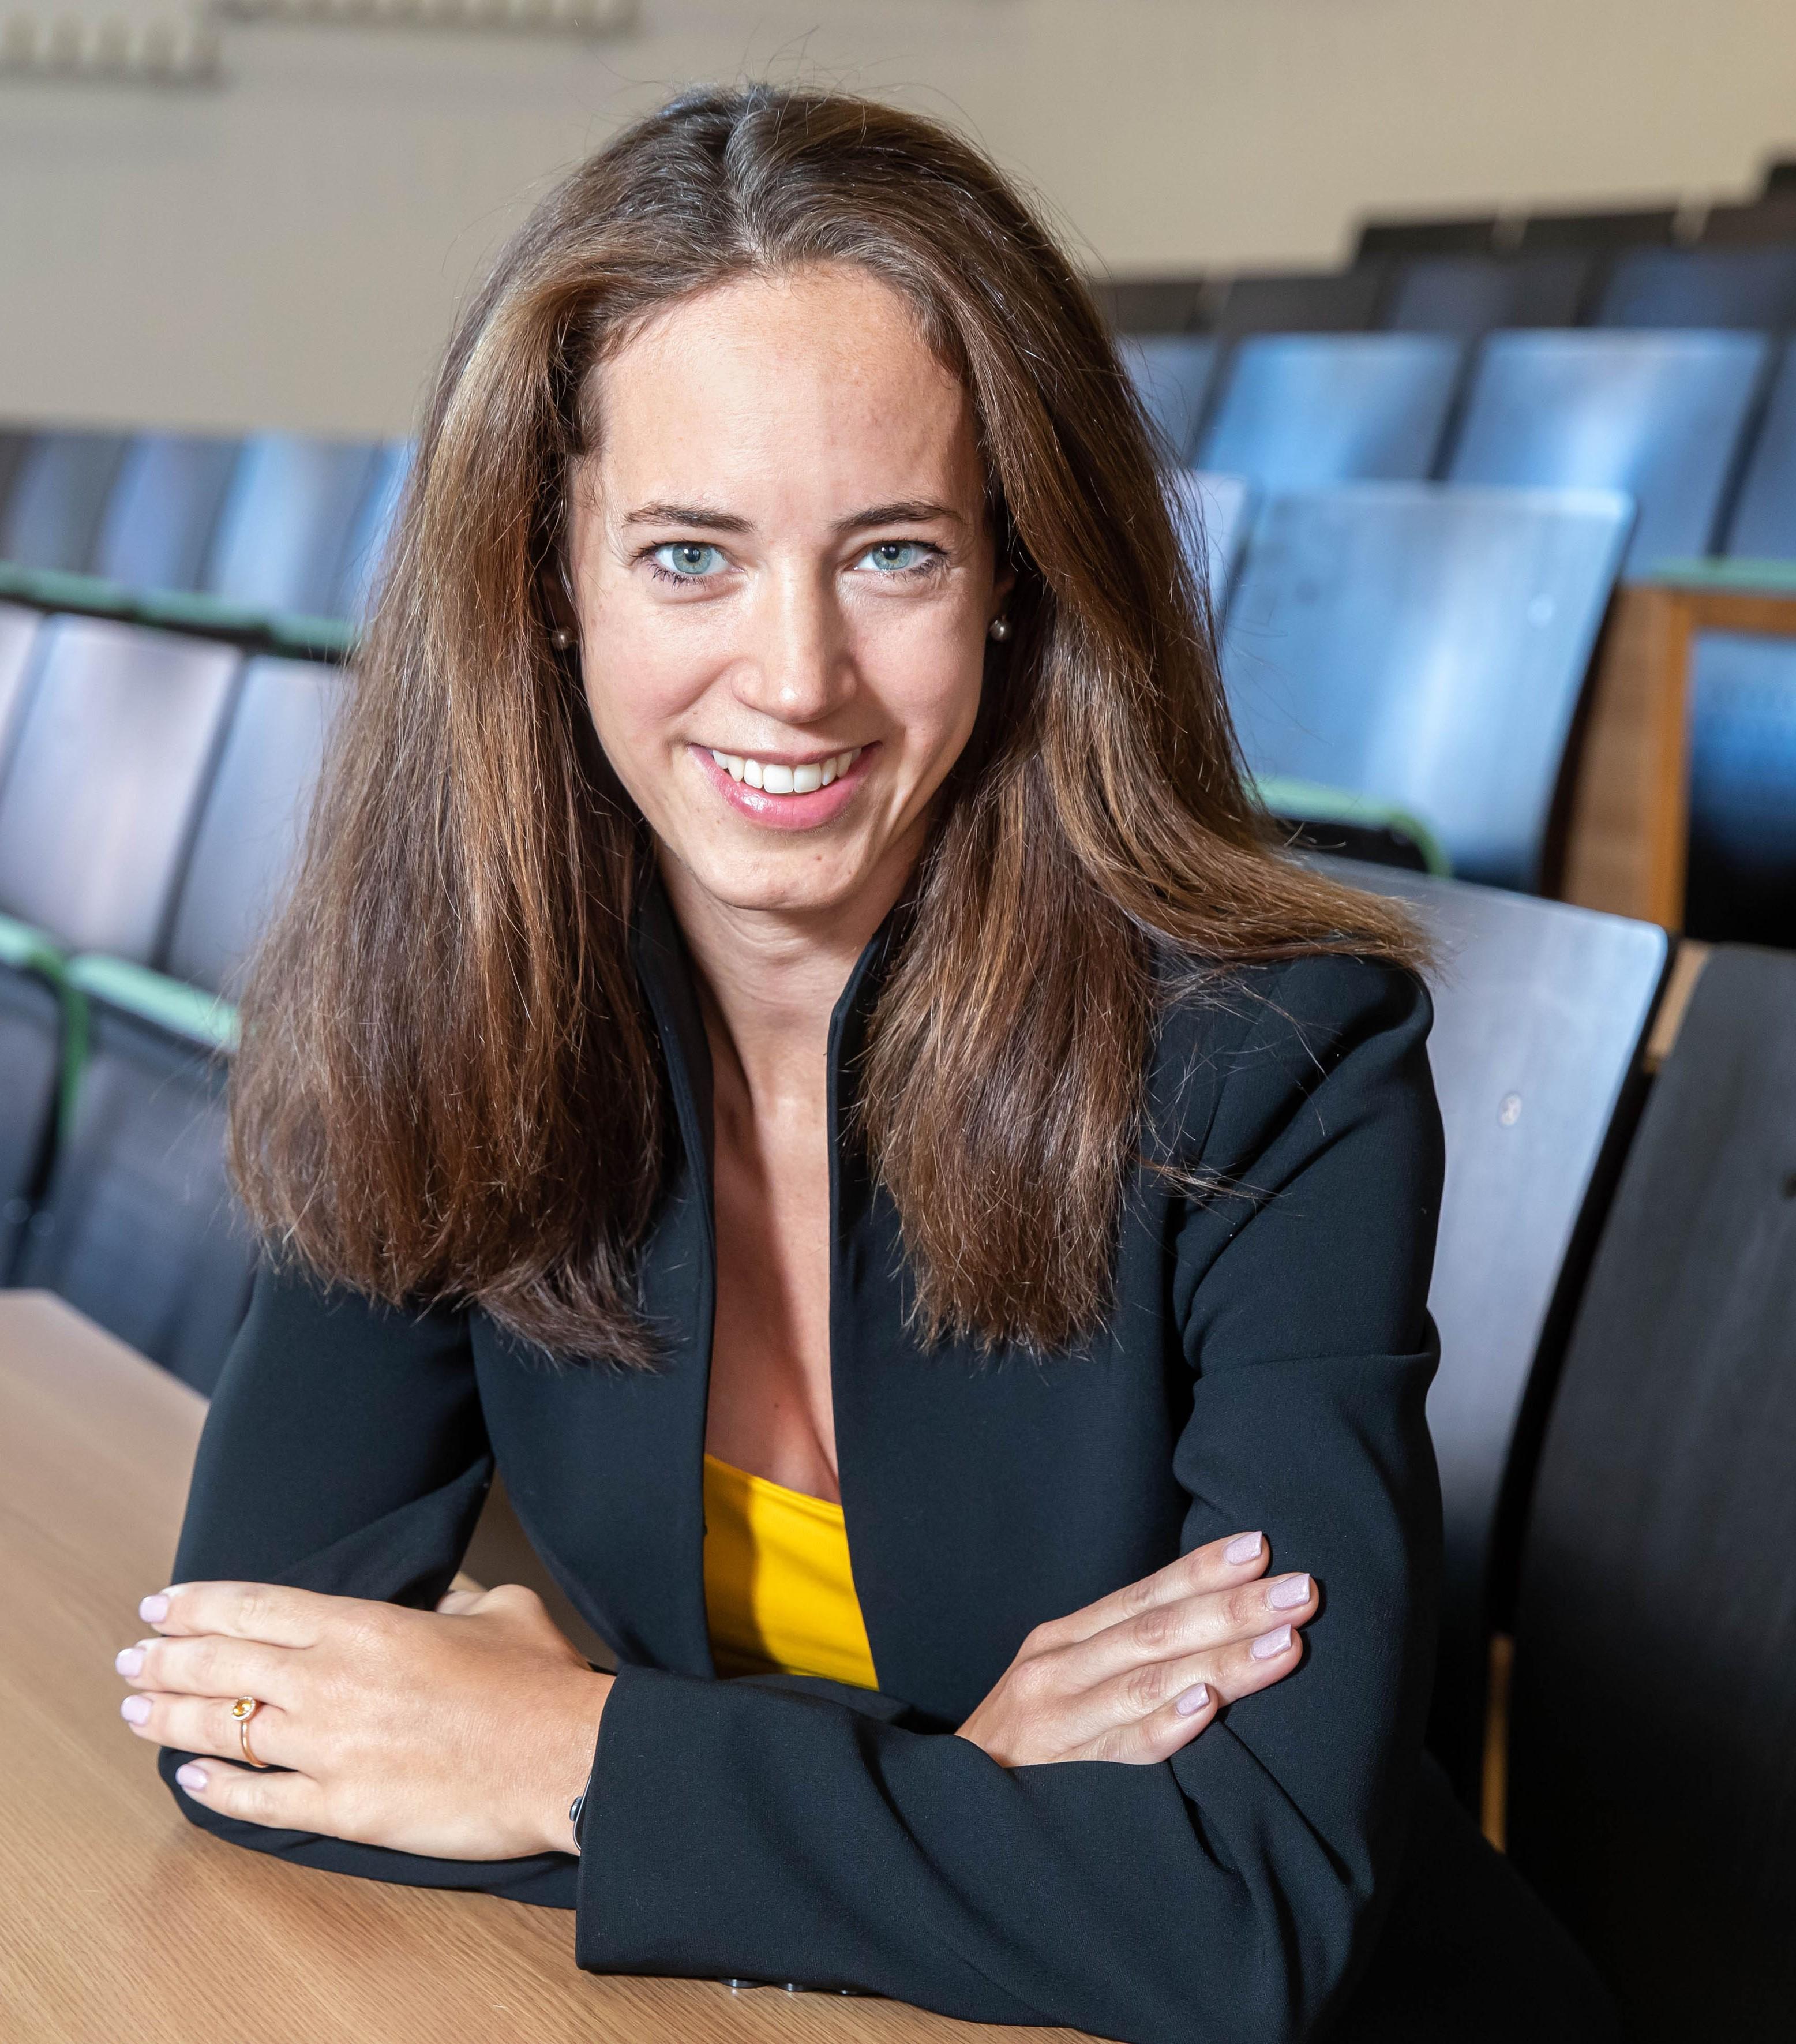 Prof.in Dr. Johanna Anzengruber, Mitglied im wissenschaftlich-kulturellen Beirat von ISCO